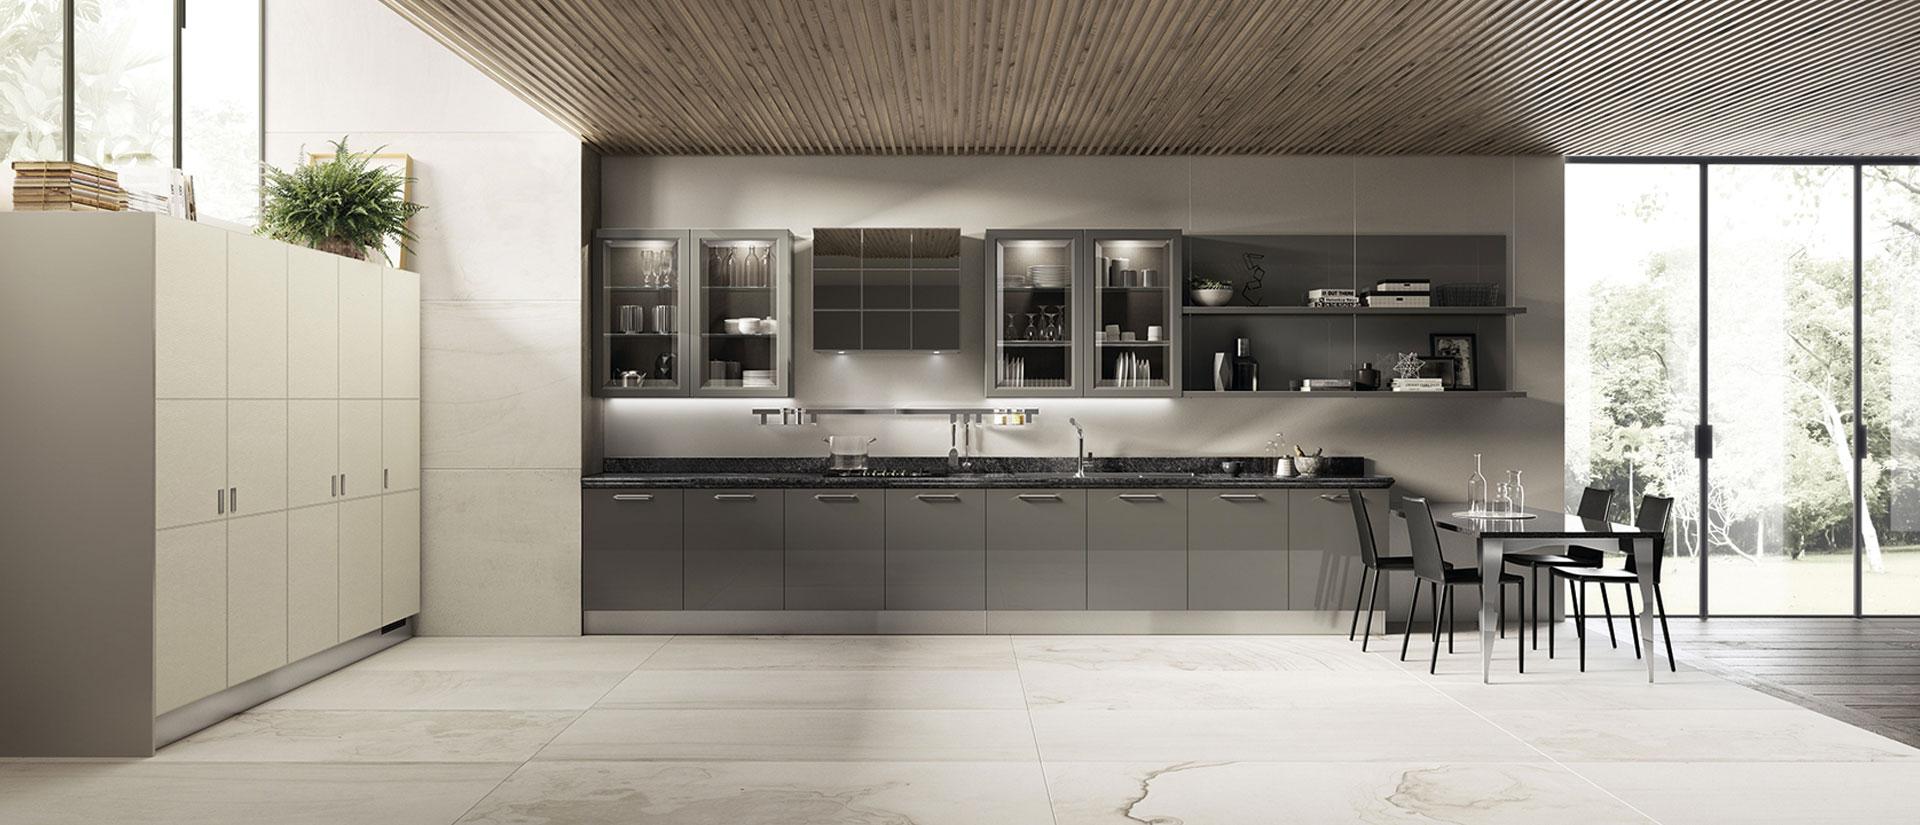 Cucina scavolini exclusiva i dettagli del nuovo progetto for Scavolini pareti attrezzate